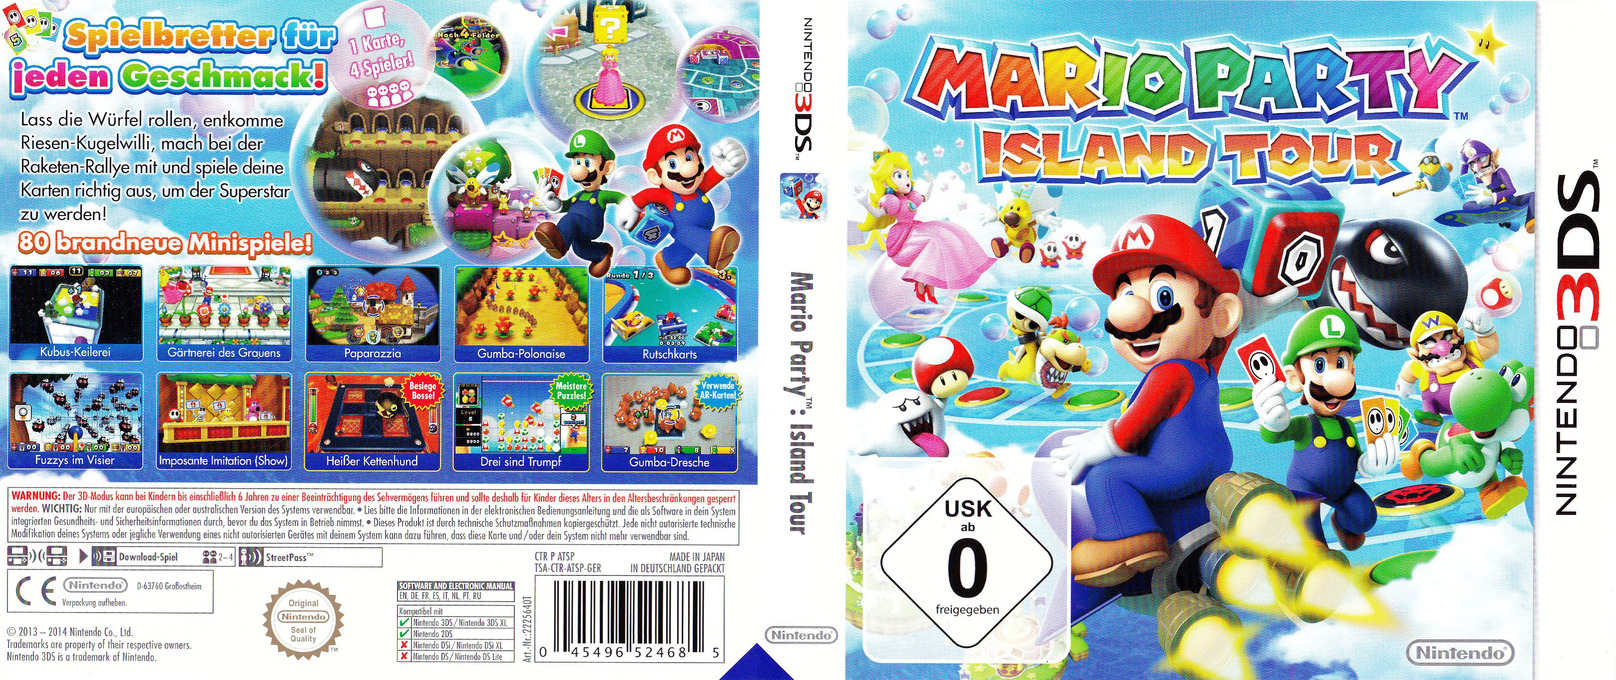 Mario Party Island Tour Region